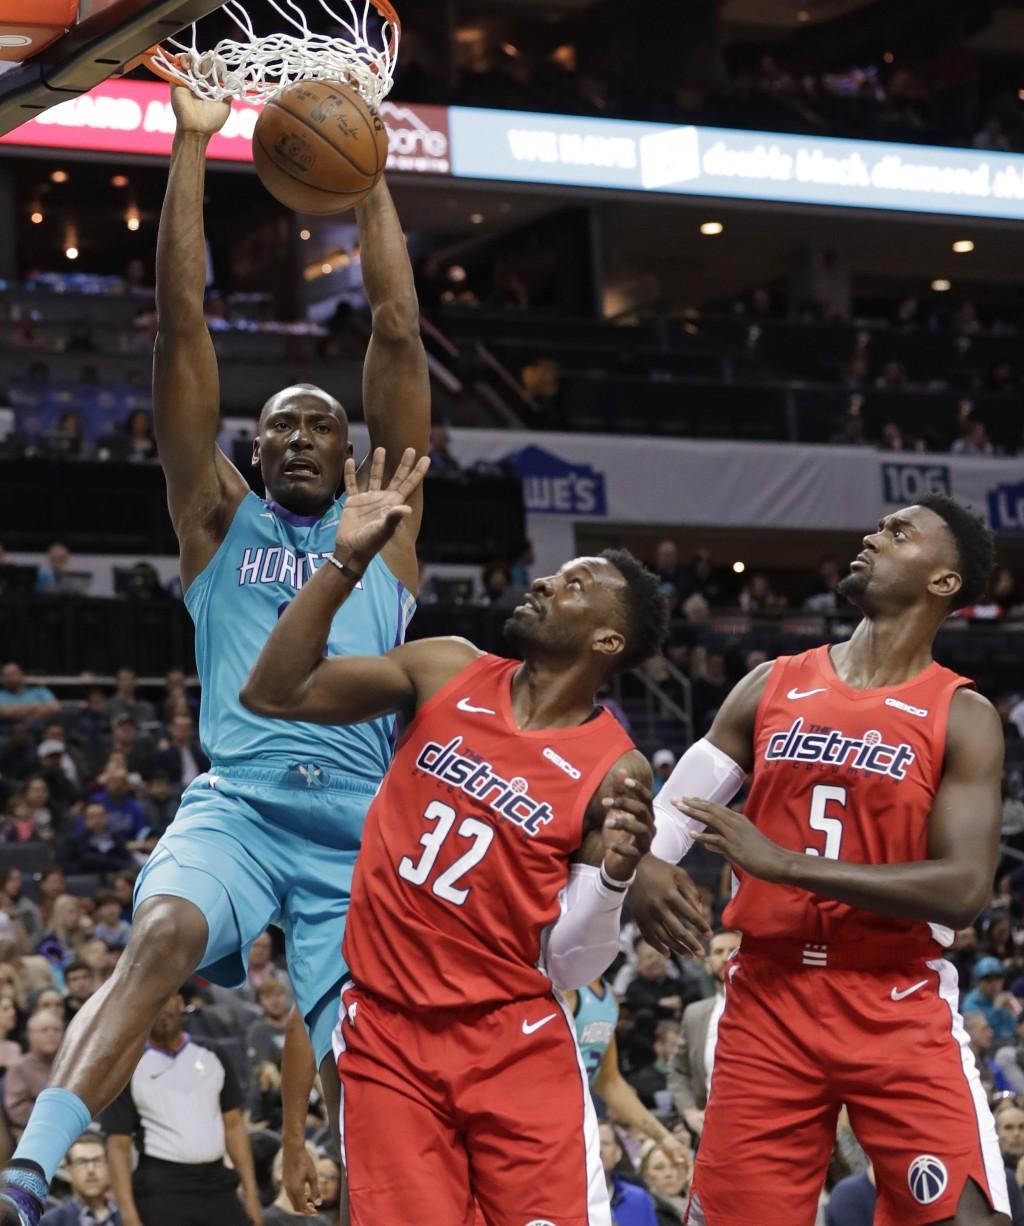 Charlotte Hornets center Bismack Biyombo, left, dunks against Washington Wizards forward Jeff Green (32) and Washington Wizards forward Bobby Portis (...